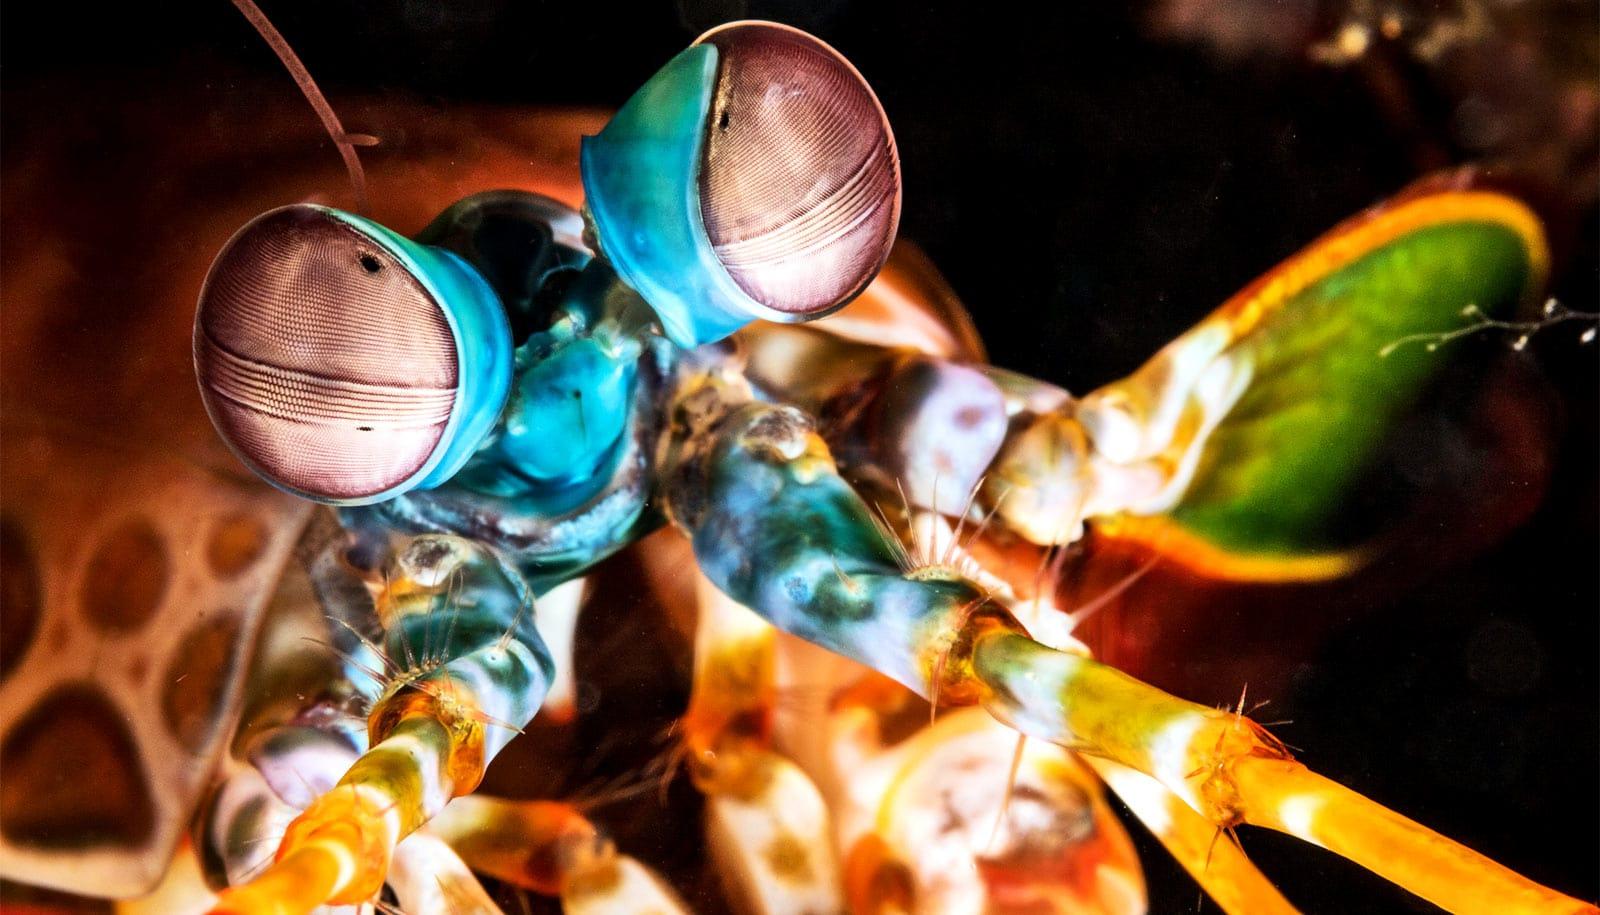 Mantis shrimp eyes inspire new optical sensor - Futurity